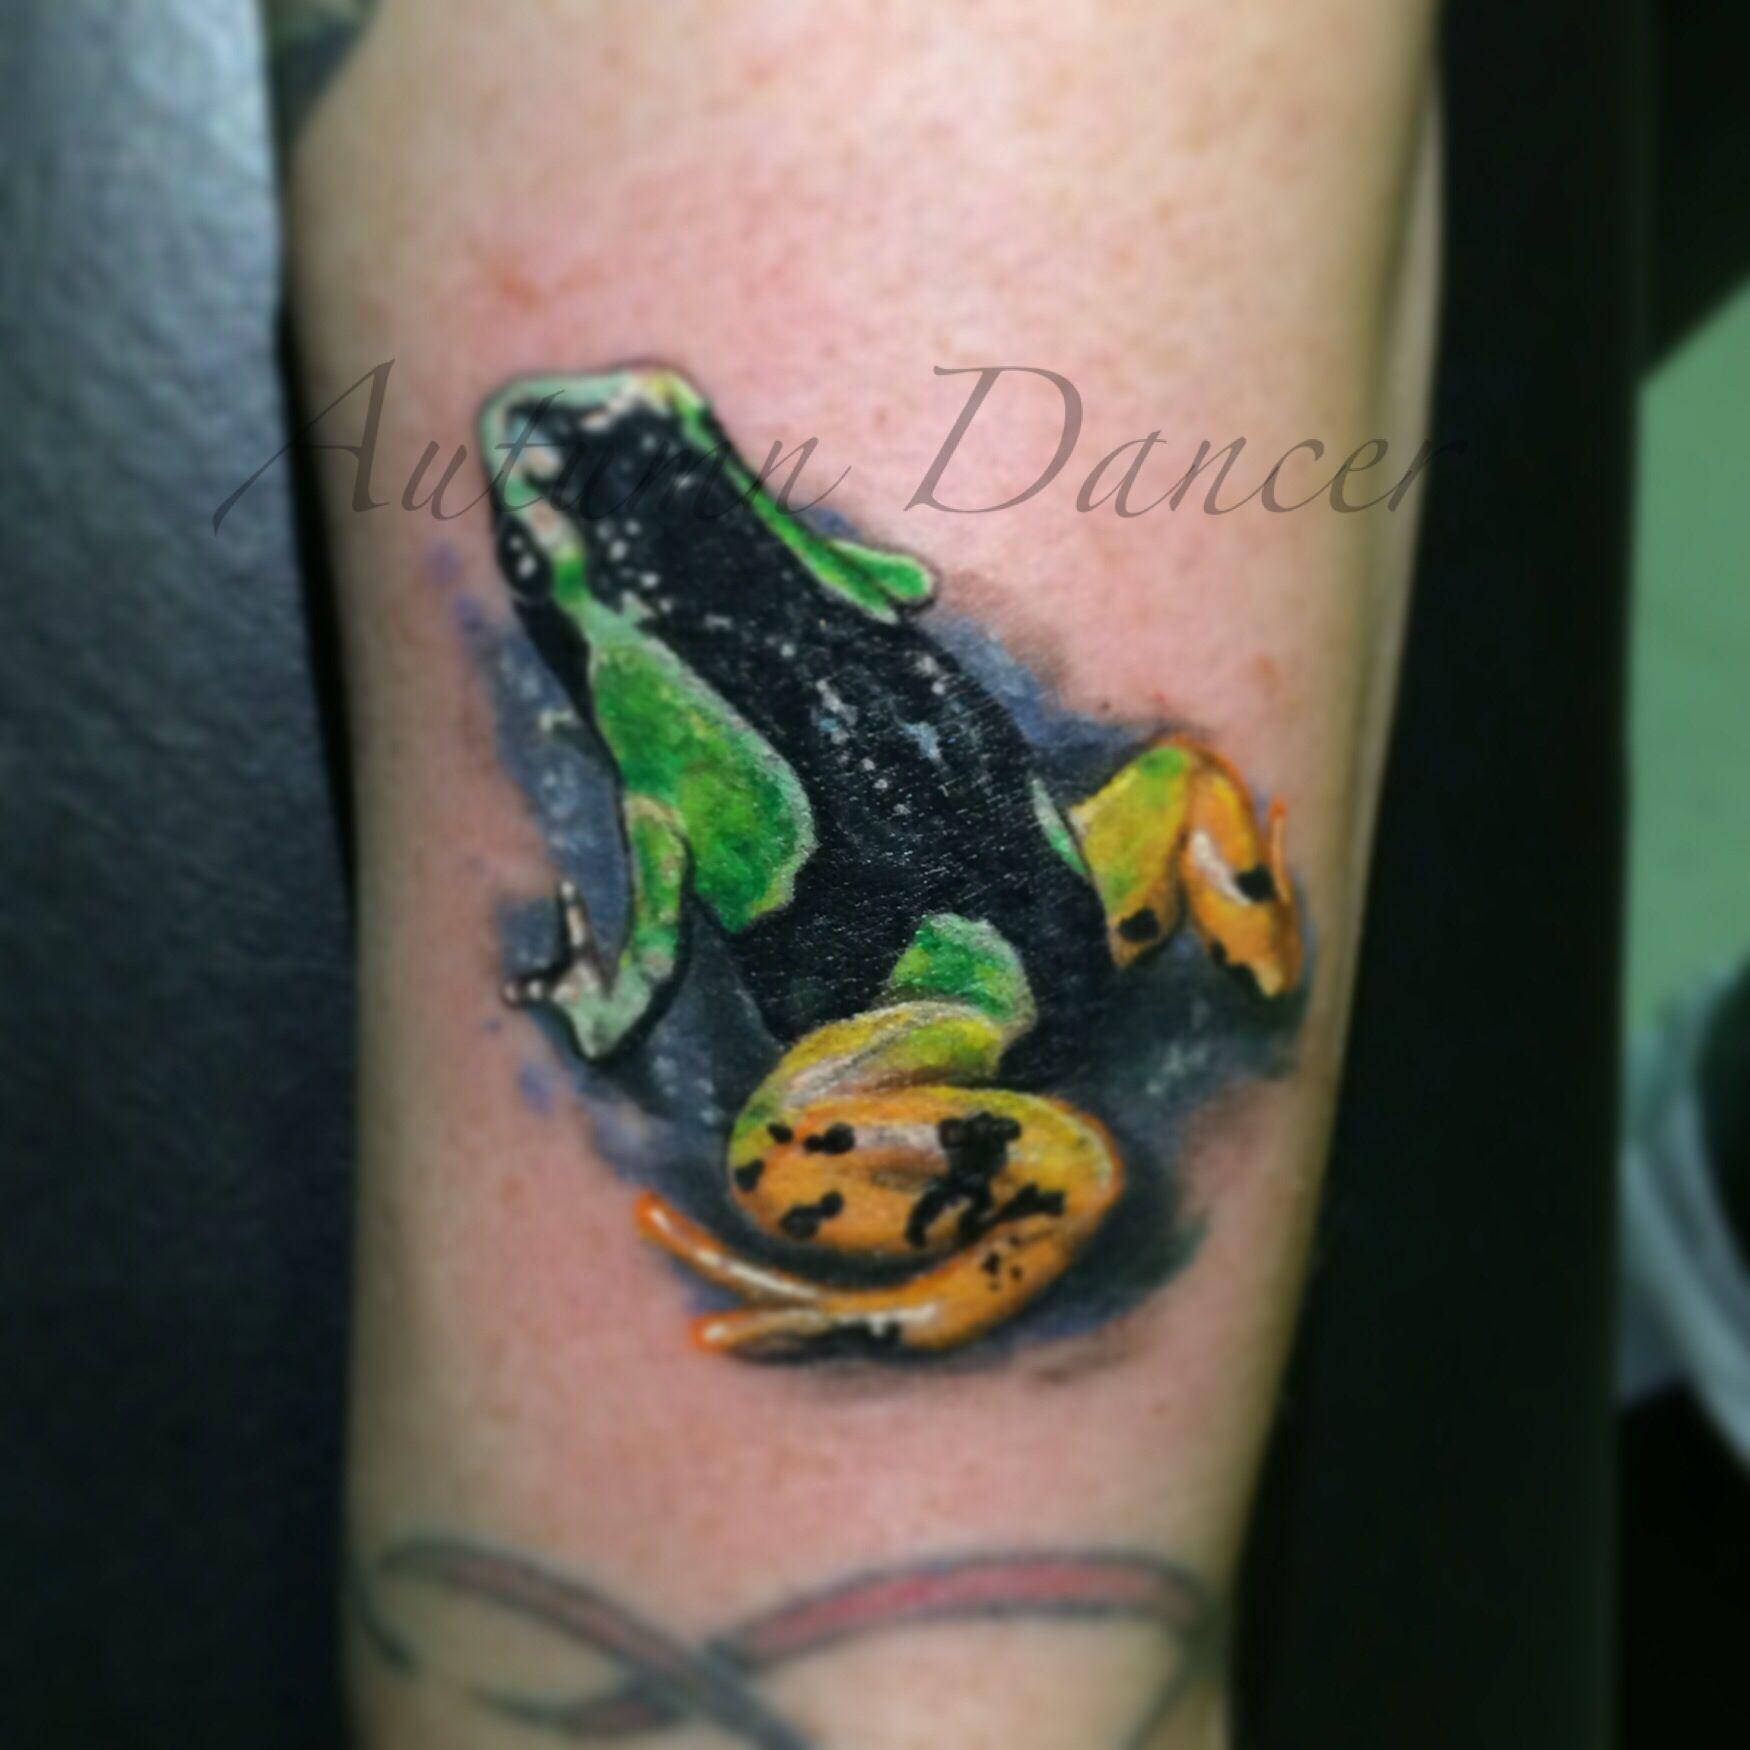 Mantella Dart Frog Tattoo Tree Frog Tattoos Frog Tattoos Tattoos